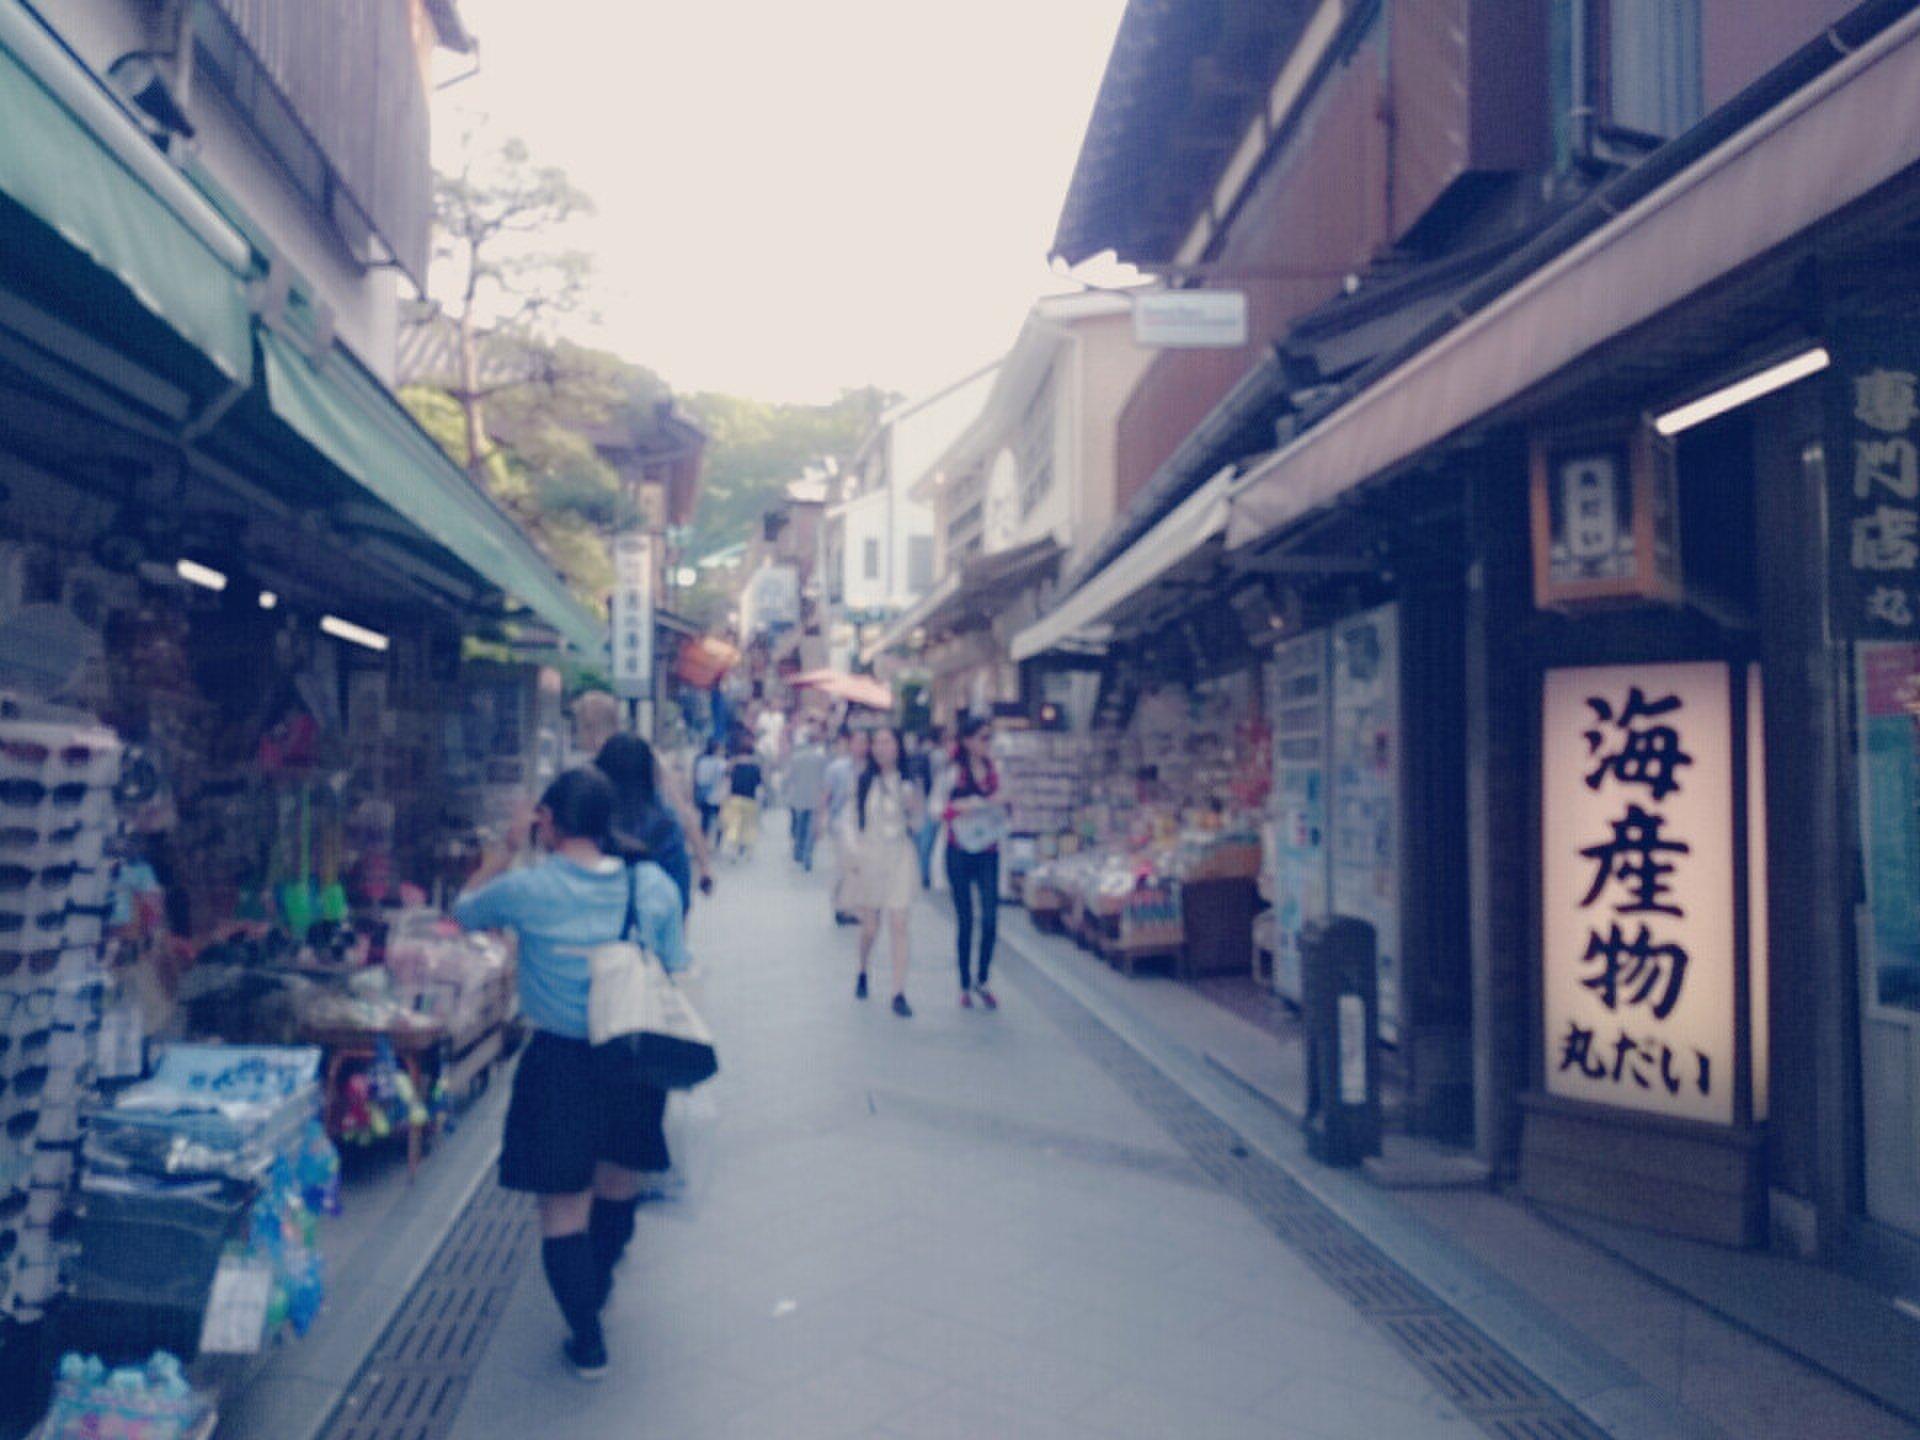 夏は江ノ島!海デート☆美味しくて楽しいおすすめ王道デートプラン!